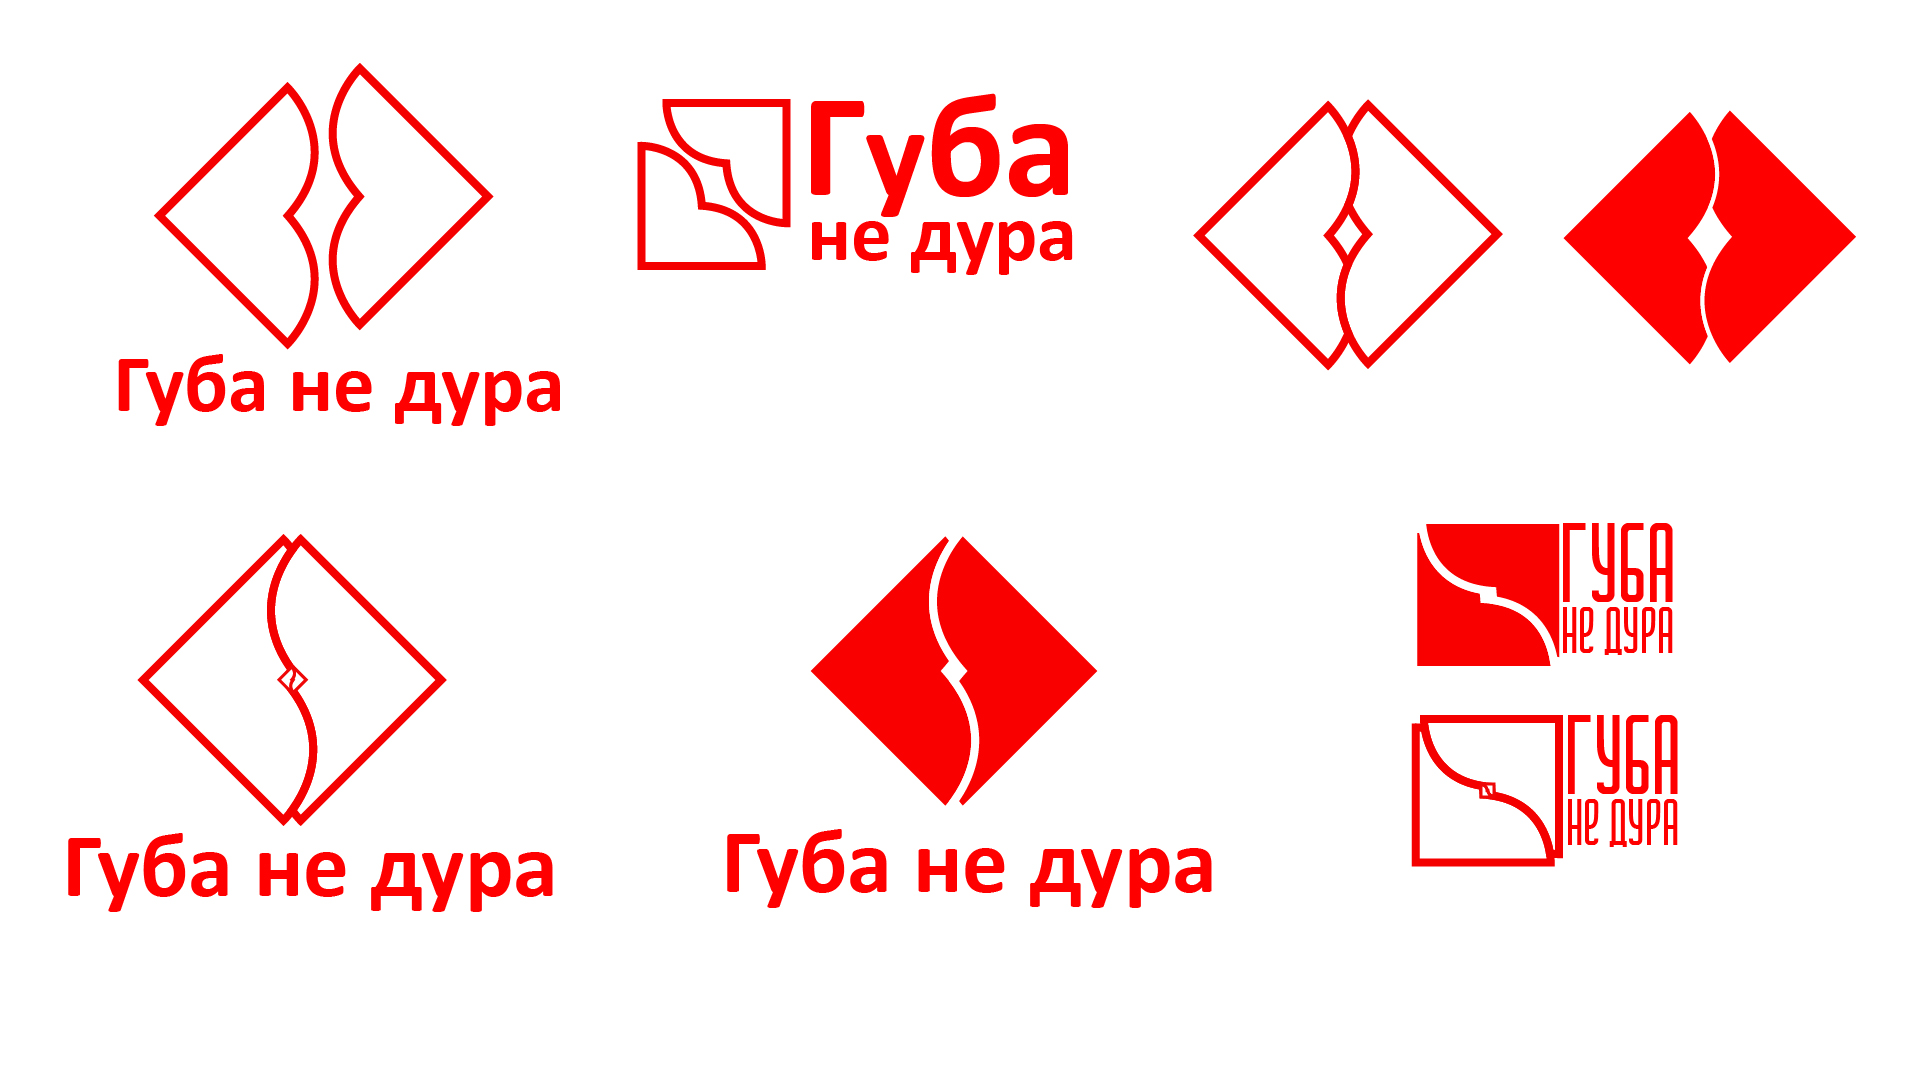 Улучшить и так хороший Товарный Знак фото f_0795ef2510bd5a25.jpg